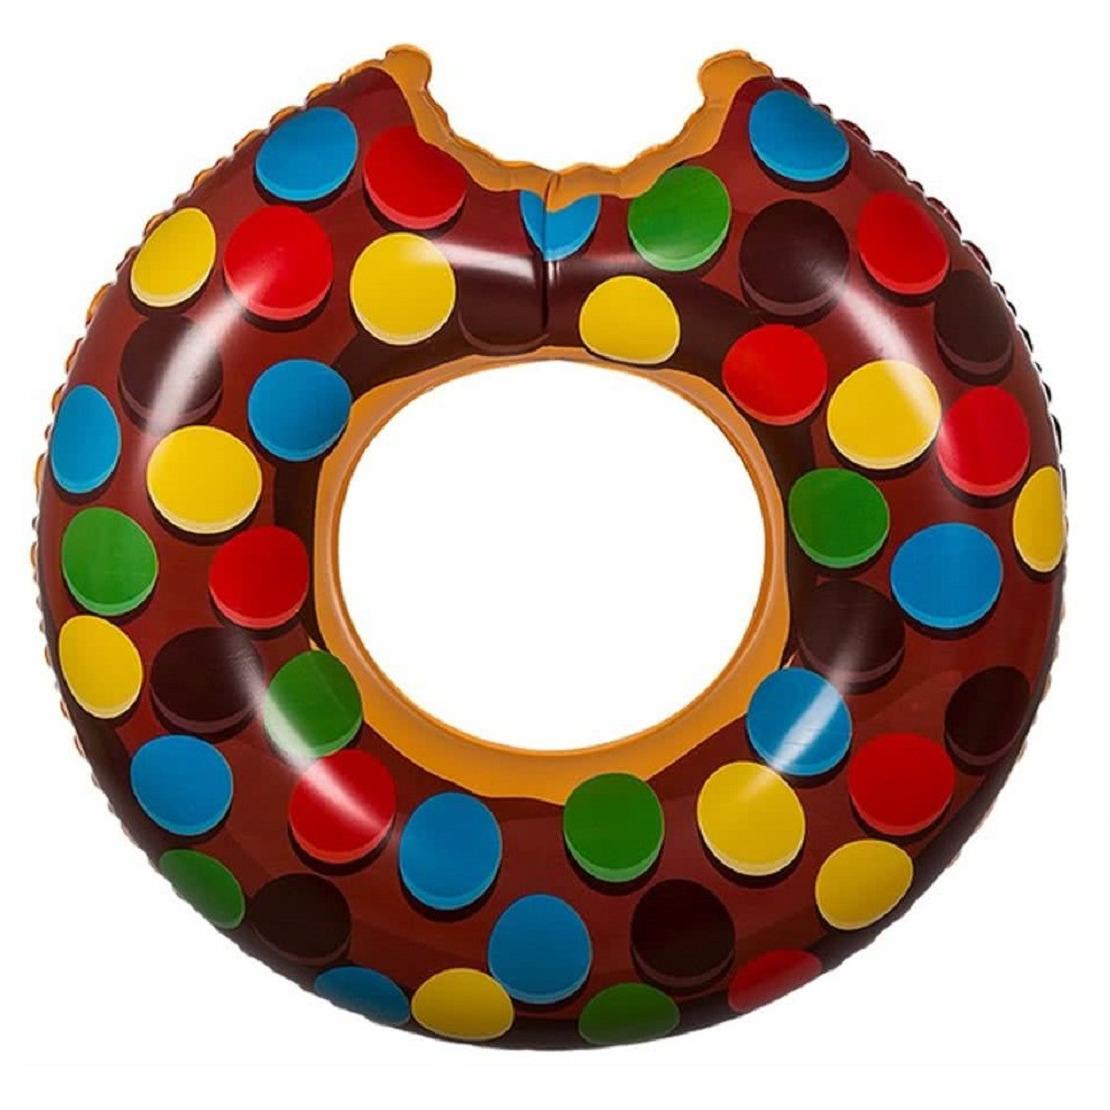 Bruine donut zwemband met spikkels 119 cm